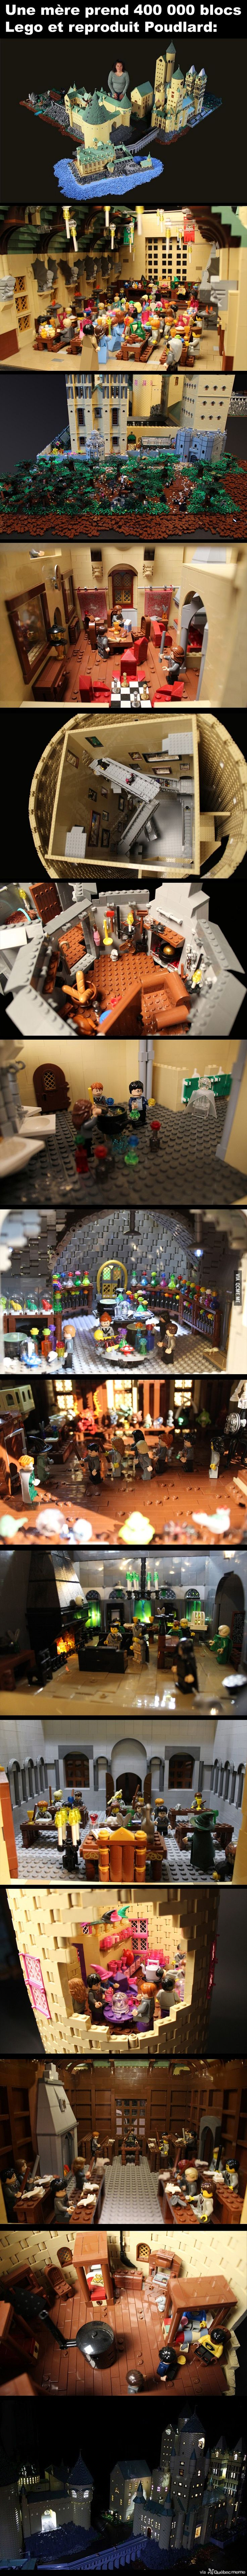 Une mère prend 400 000 blocs Lego et reproduit Poudlard avec tous les détails: